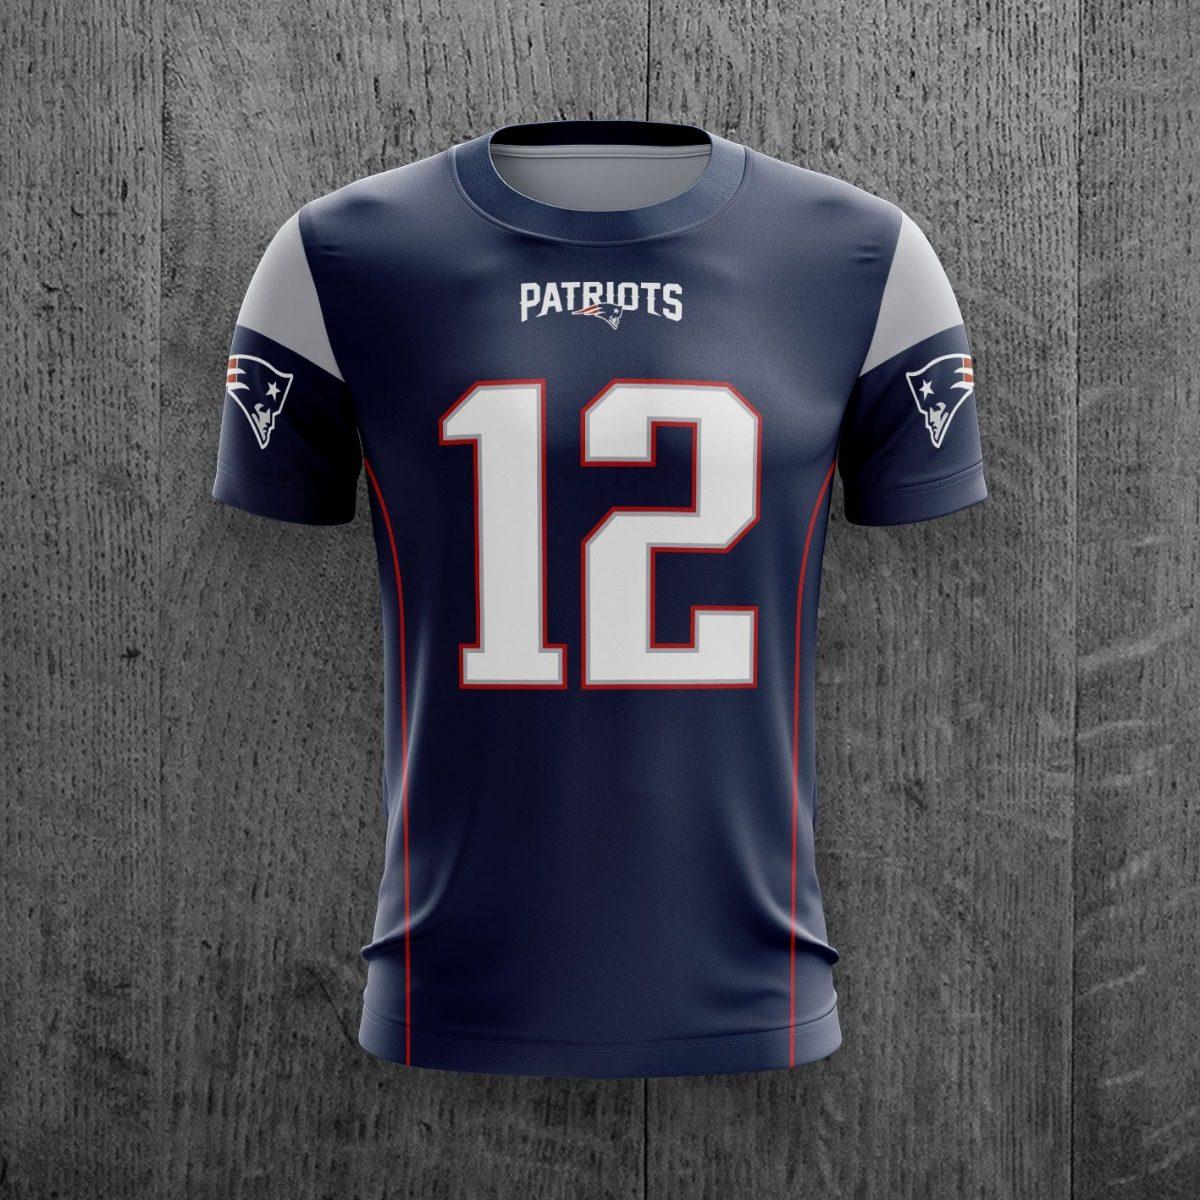 4d421b5df Camiseta New England Patriots Nfl Pats Personalizada C  Nome - R  69 ...